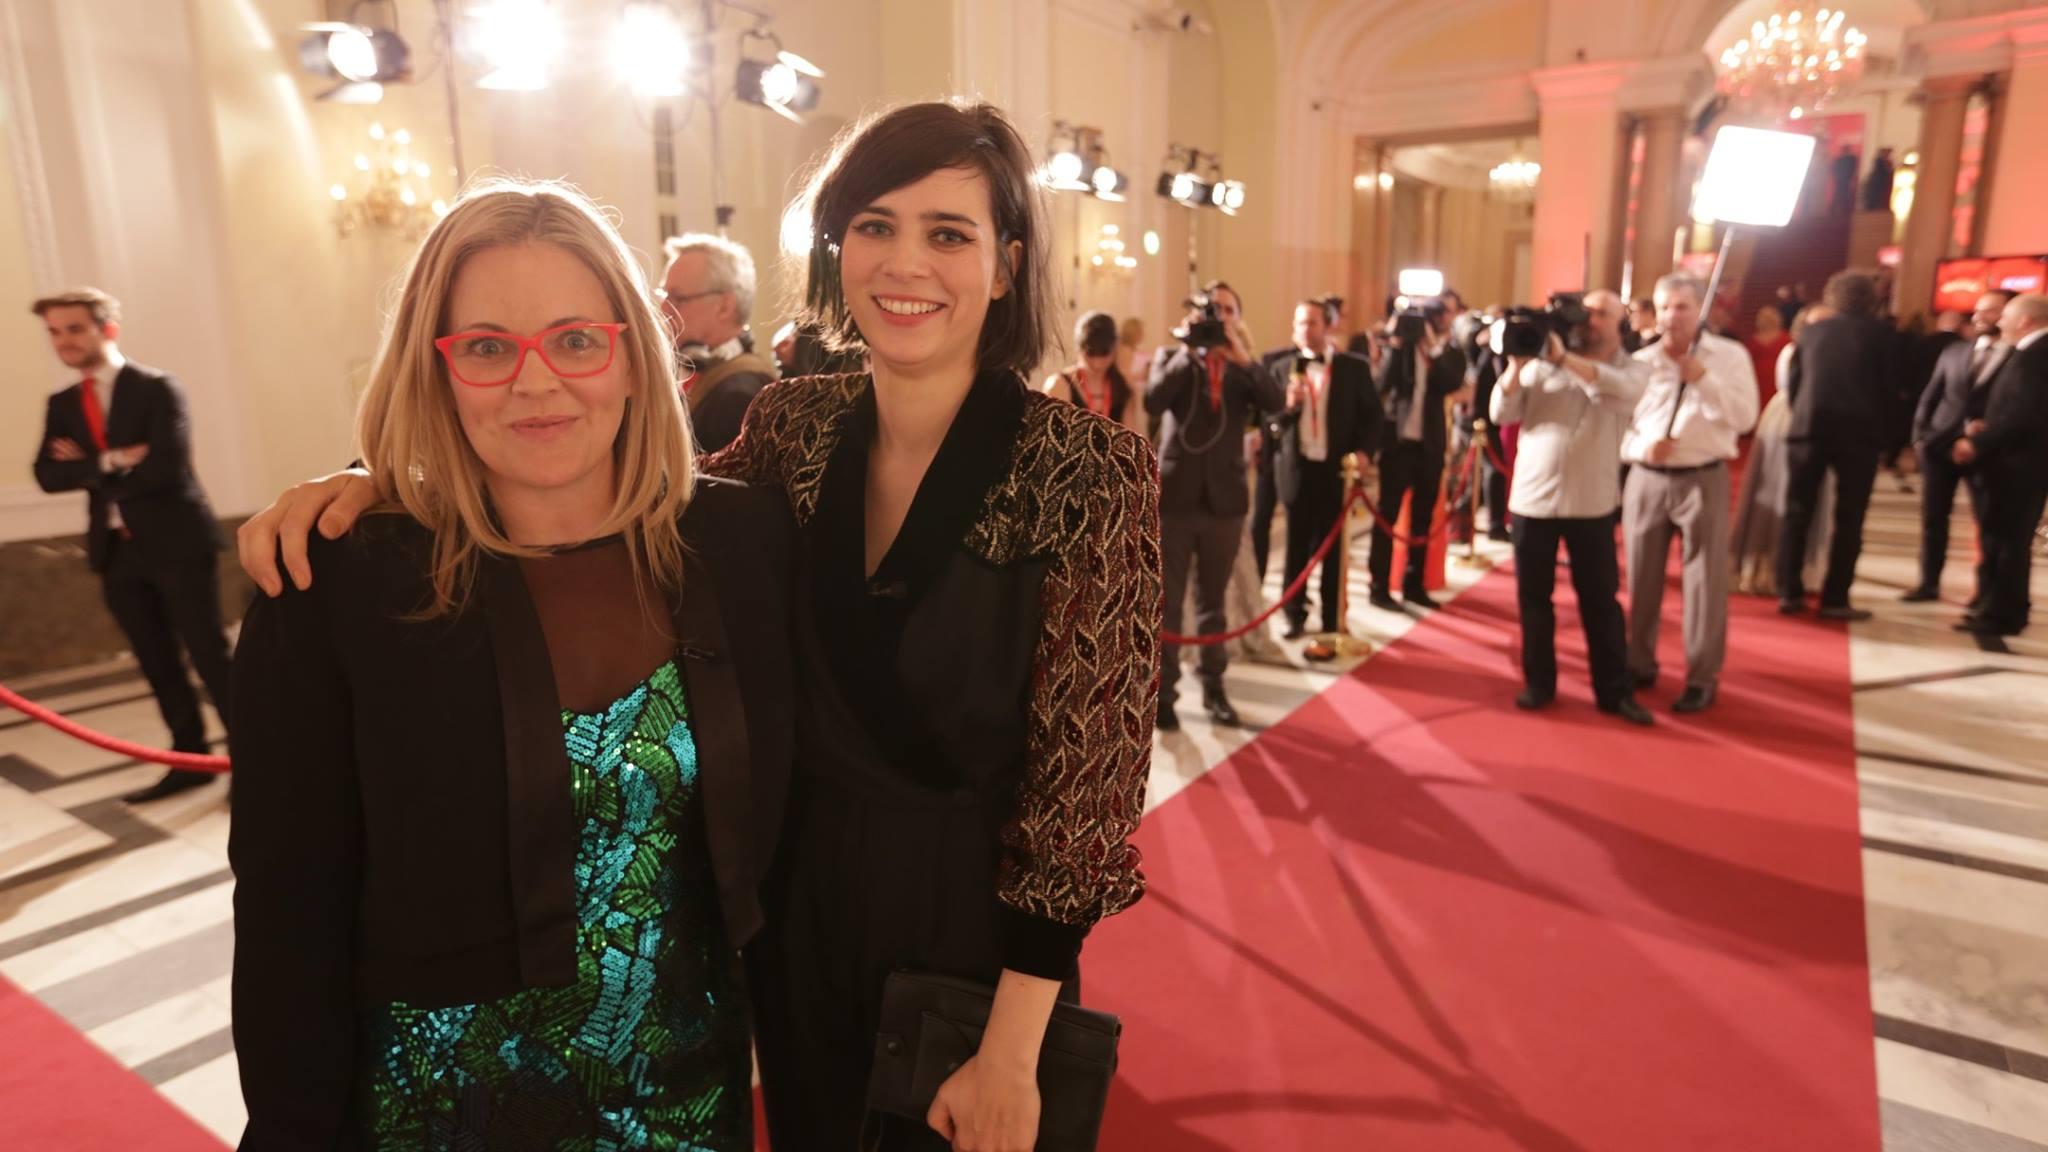 Taryn und Nora Tschirner auf dem roten Teppich